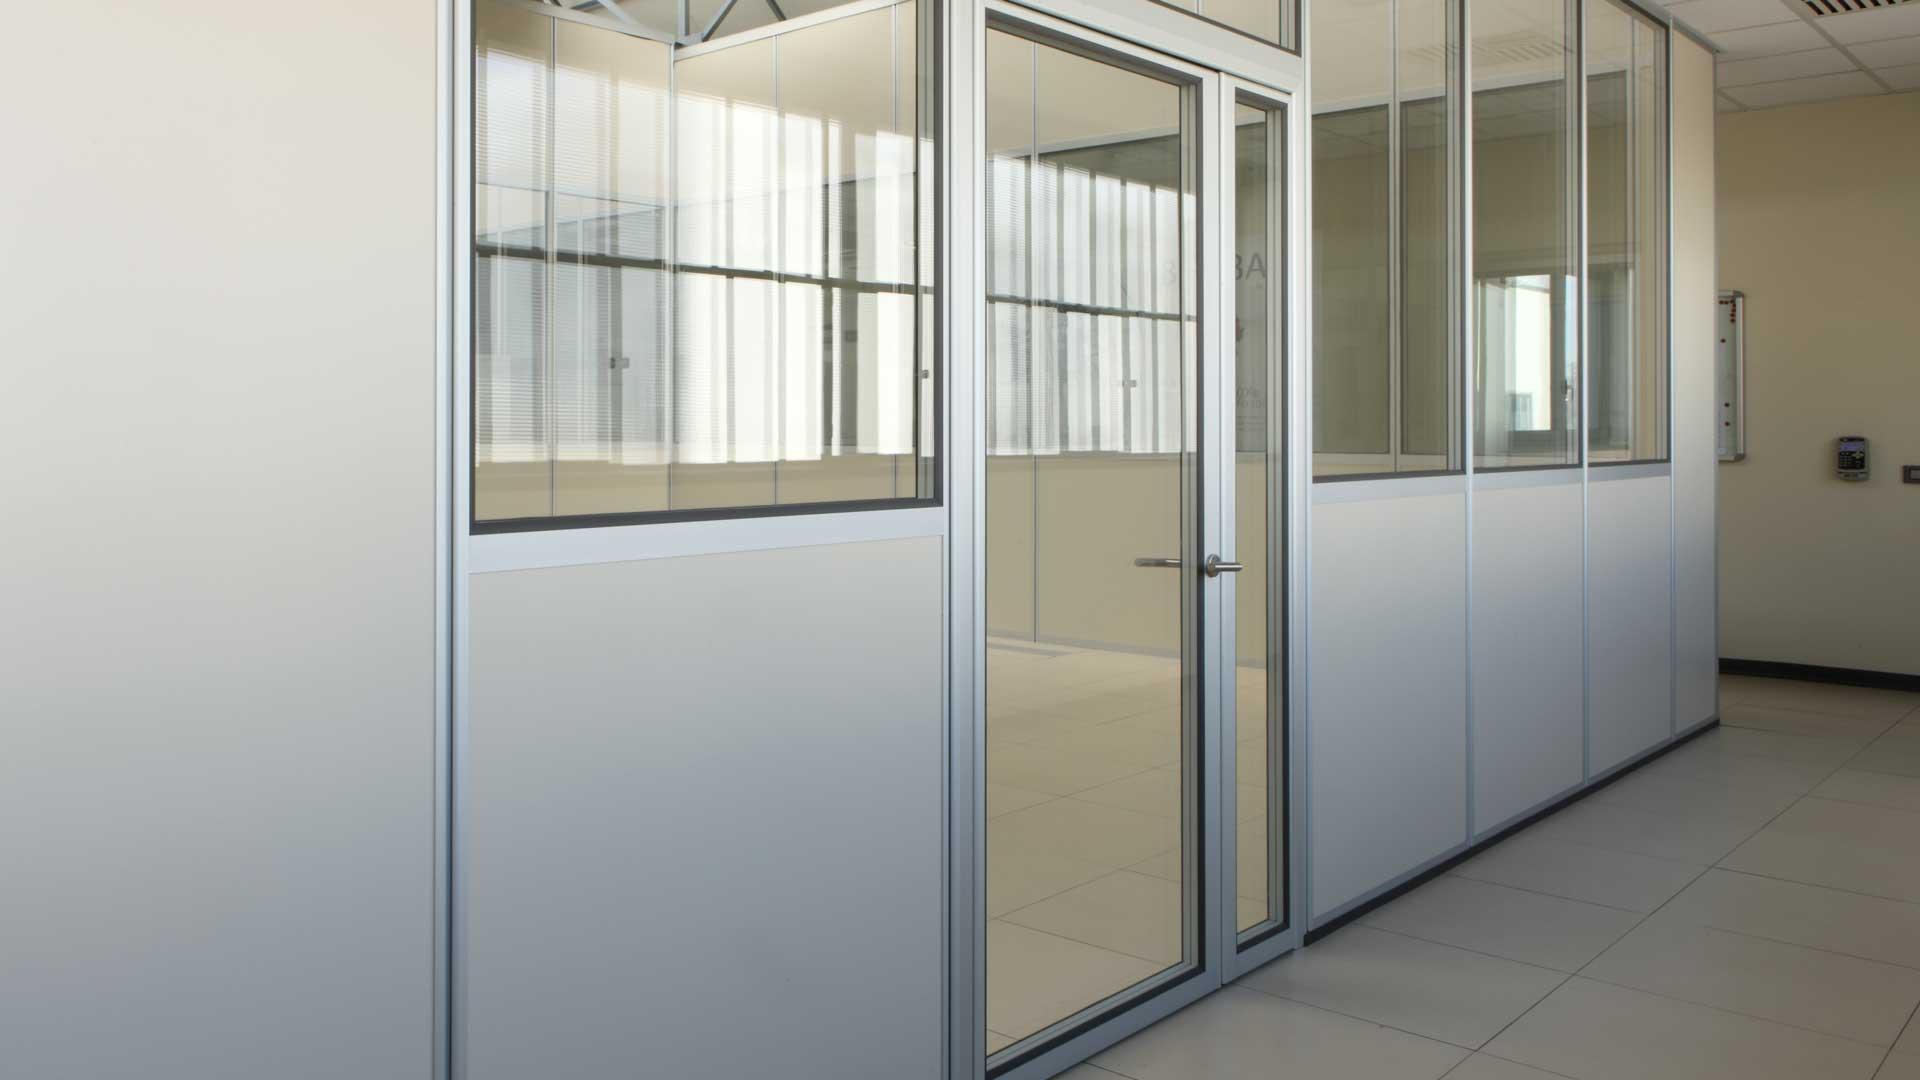 porta-vetrata-e-moduli-vetrati-box-Level-Office-Landscape